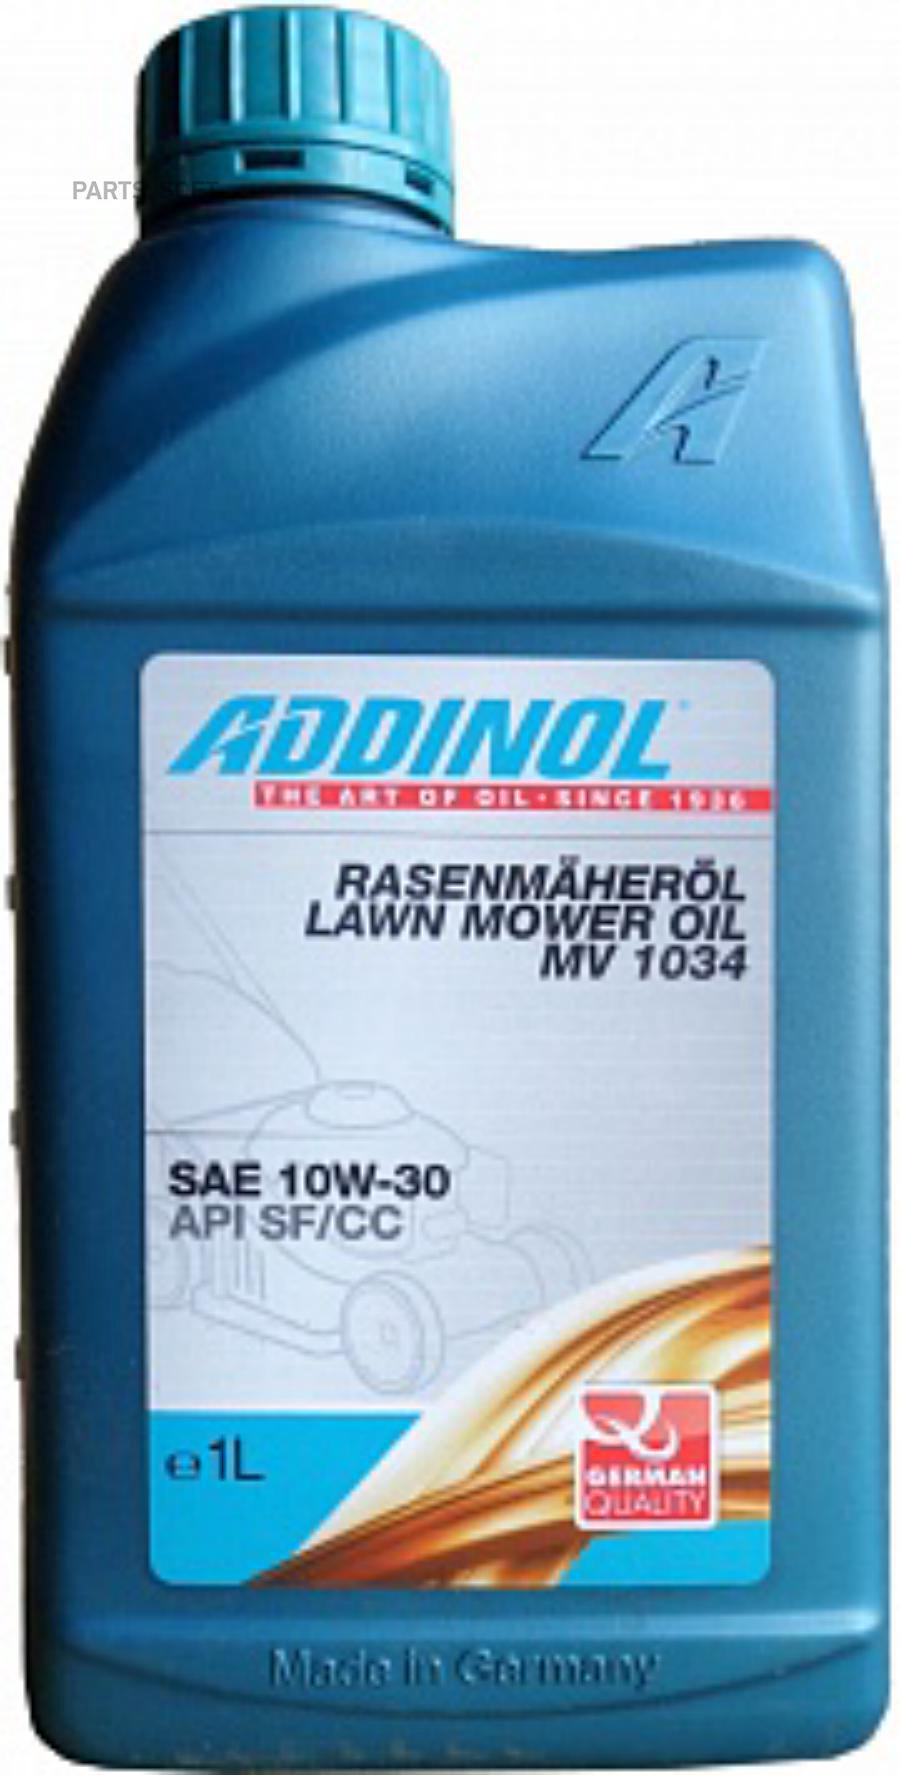 Масло моторное минеральное Rasenmaherol MV 1034 10W-30, 1л